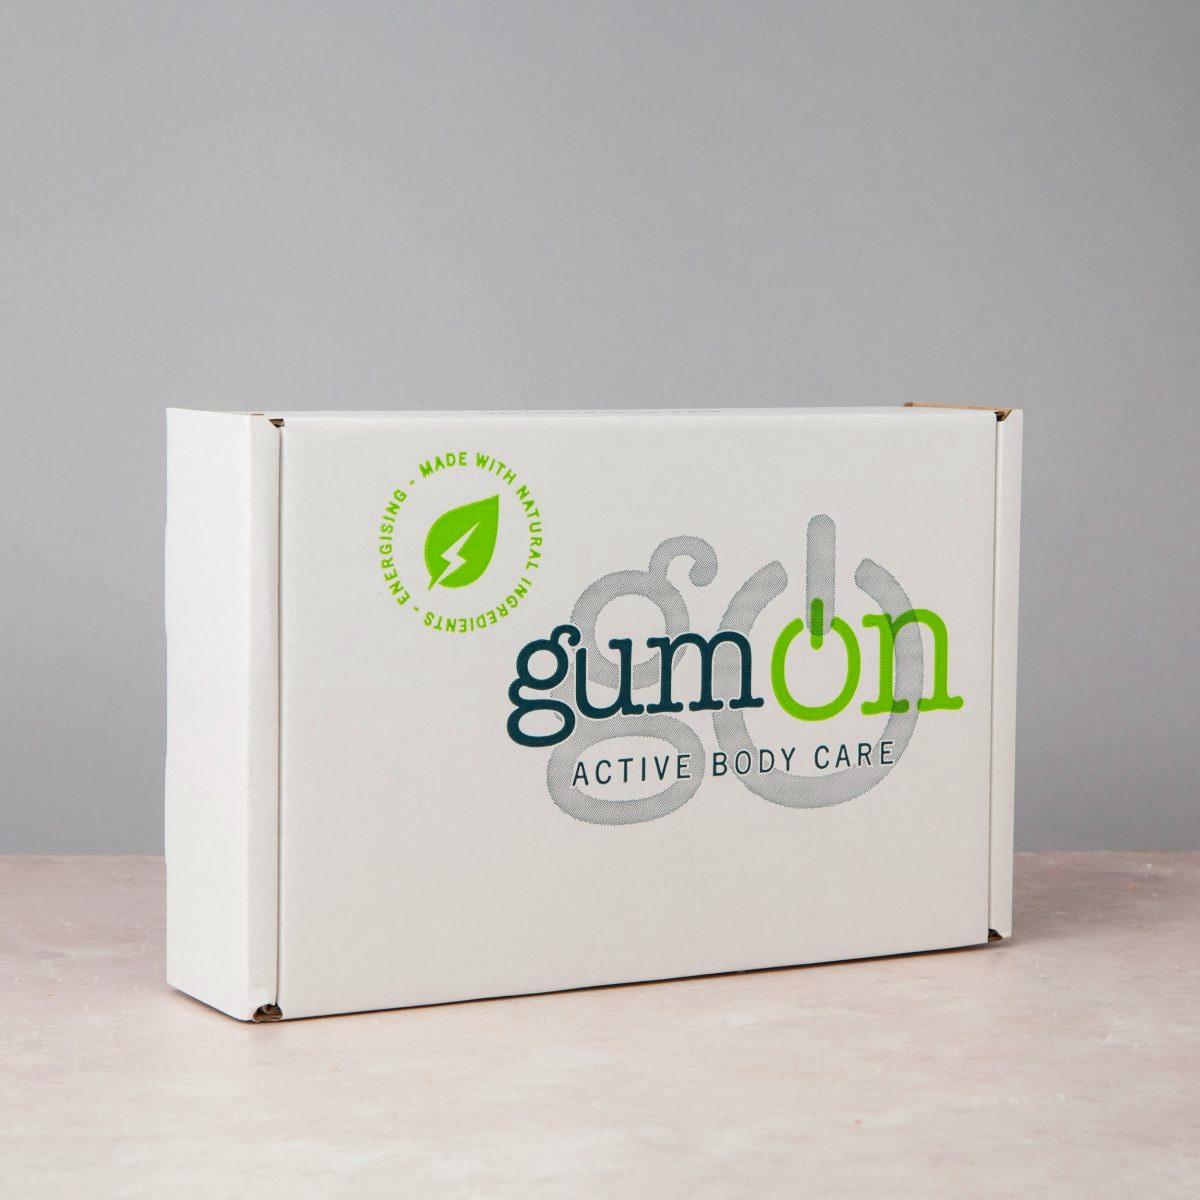 gum-on.co.uk.jpg